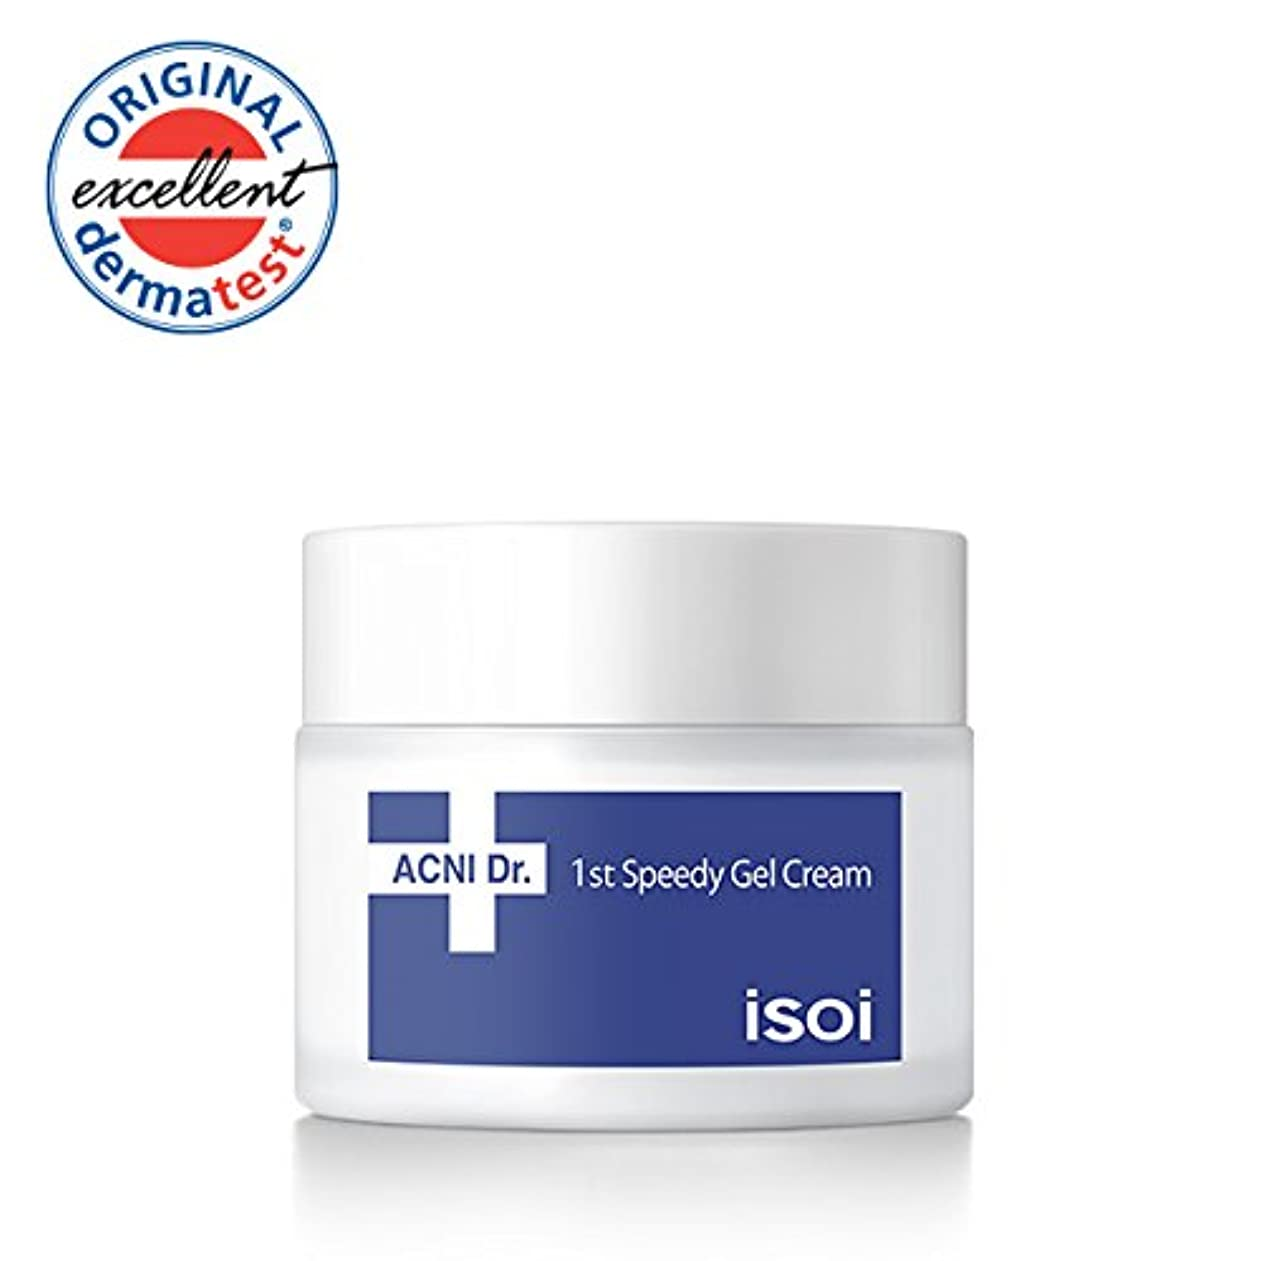 デンマークコードレス真珠のようなアイソイ アクニドクター ァスト スピーディジェルクリーム 50ml / isoi ACNI Dr. 1st Speedy Gel Cream